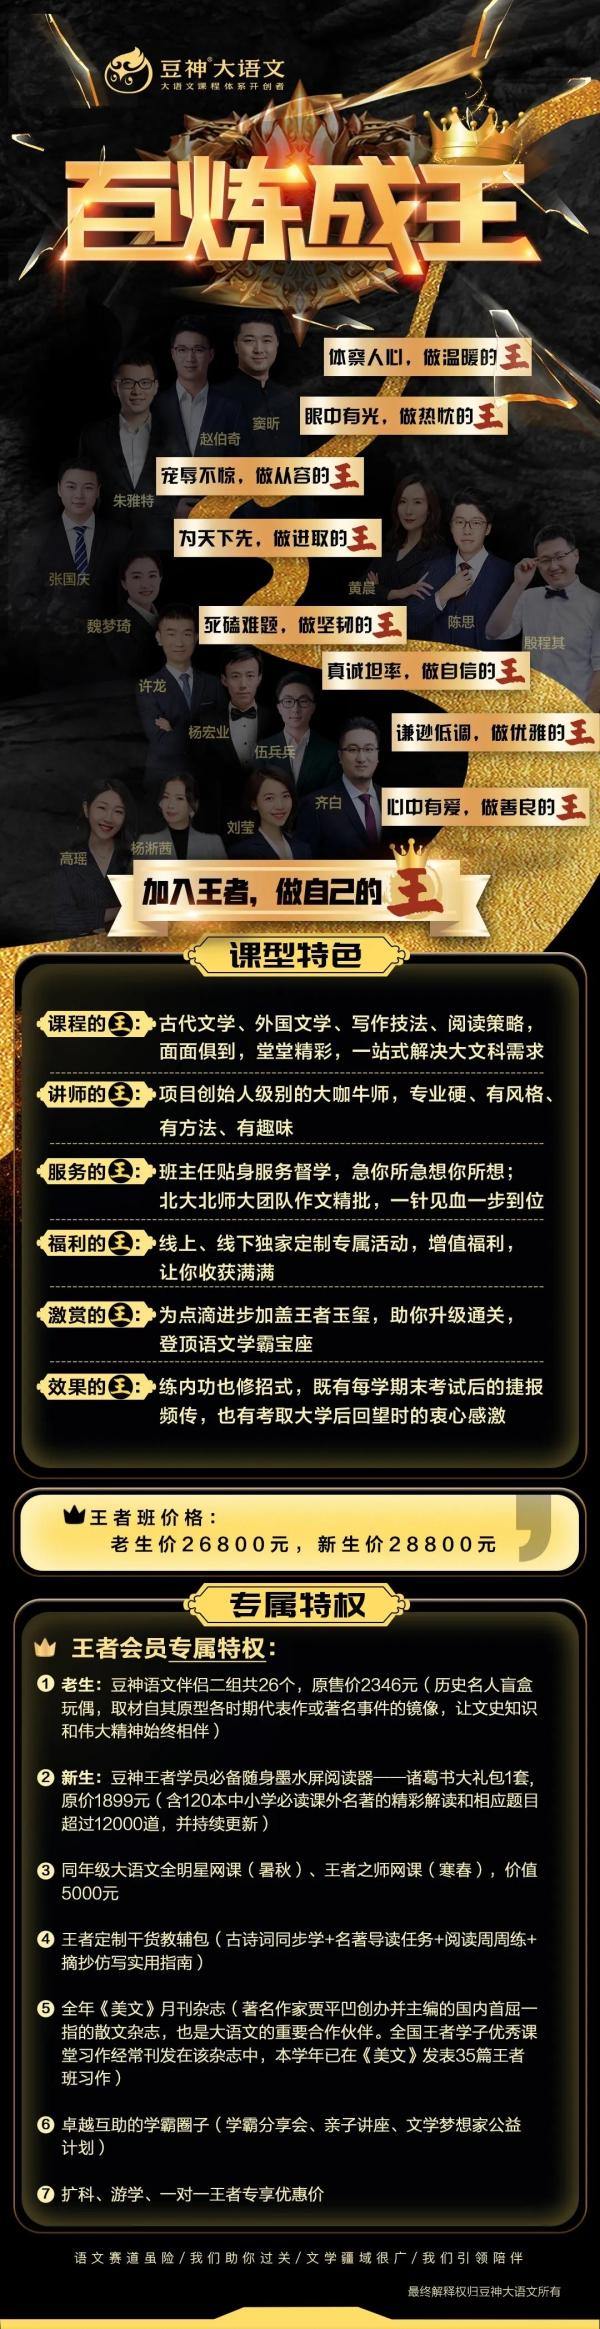 诸葛学堂豆神大语文王者班2-8年级秋季课程资源百度云分享